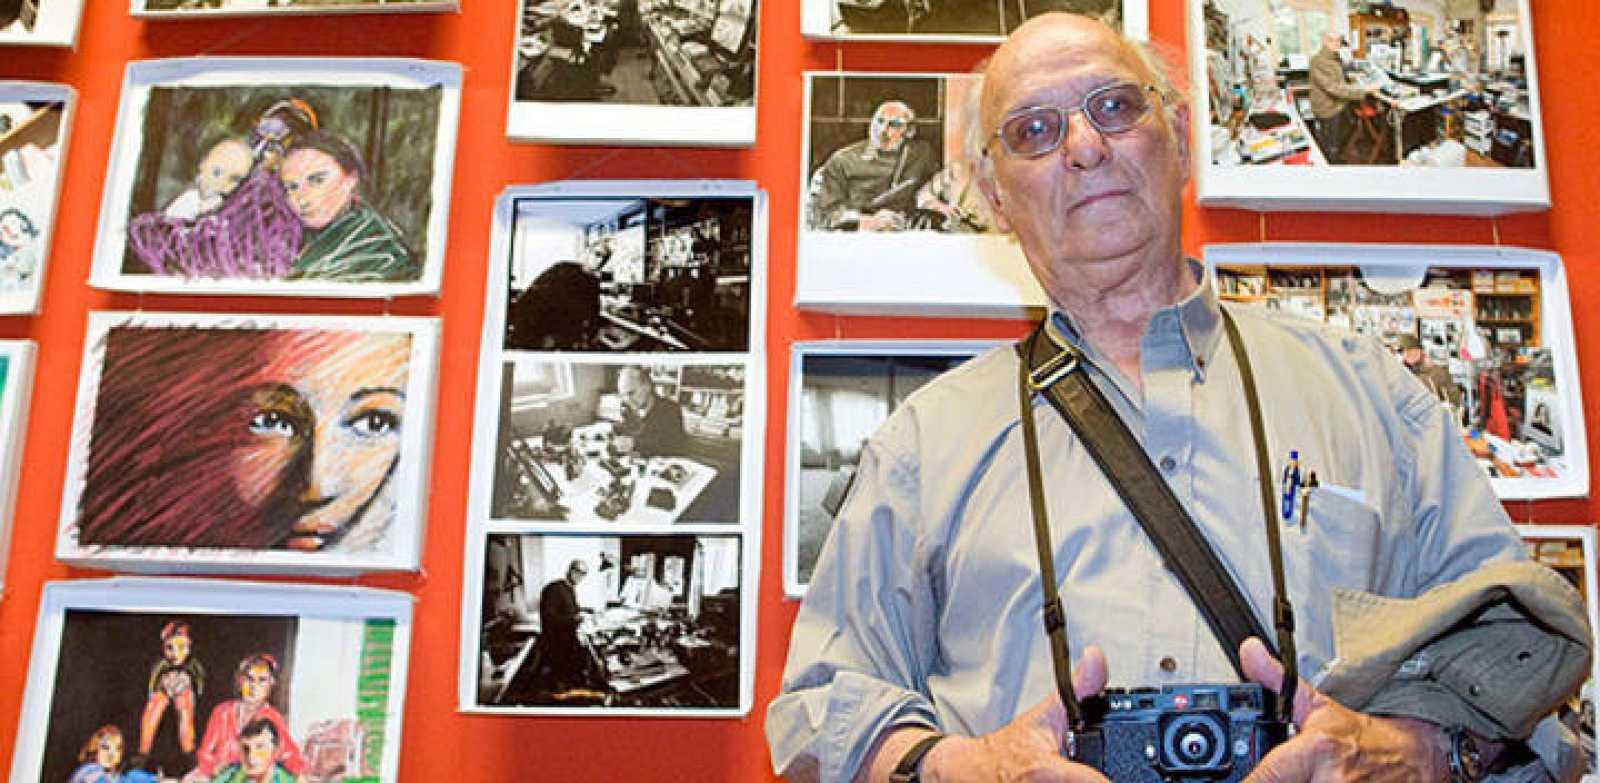 El cineasta Carlos Saura al frente de su exposción en la Lonja